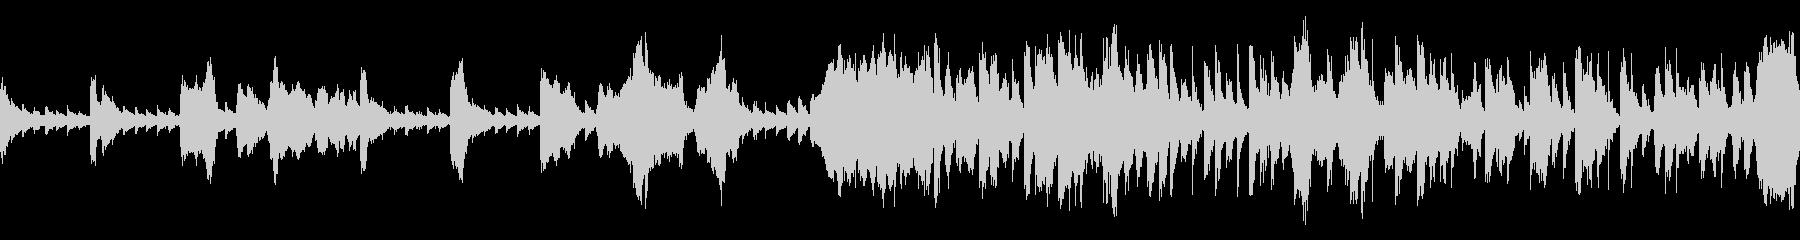 ループ:冒険やサスペンスに(フルート)の未再生の波形